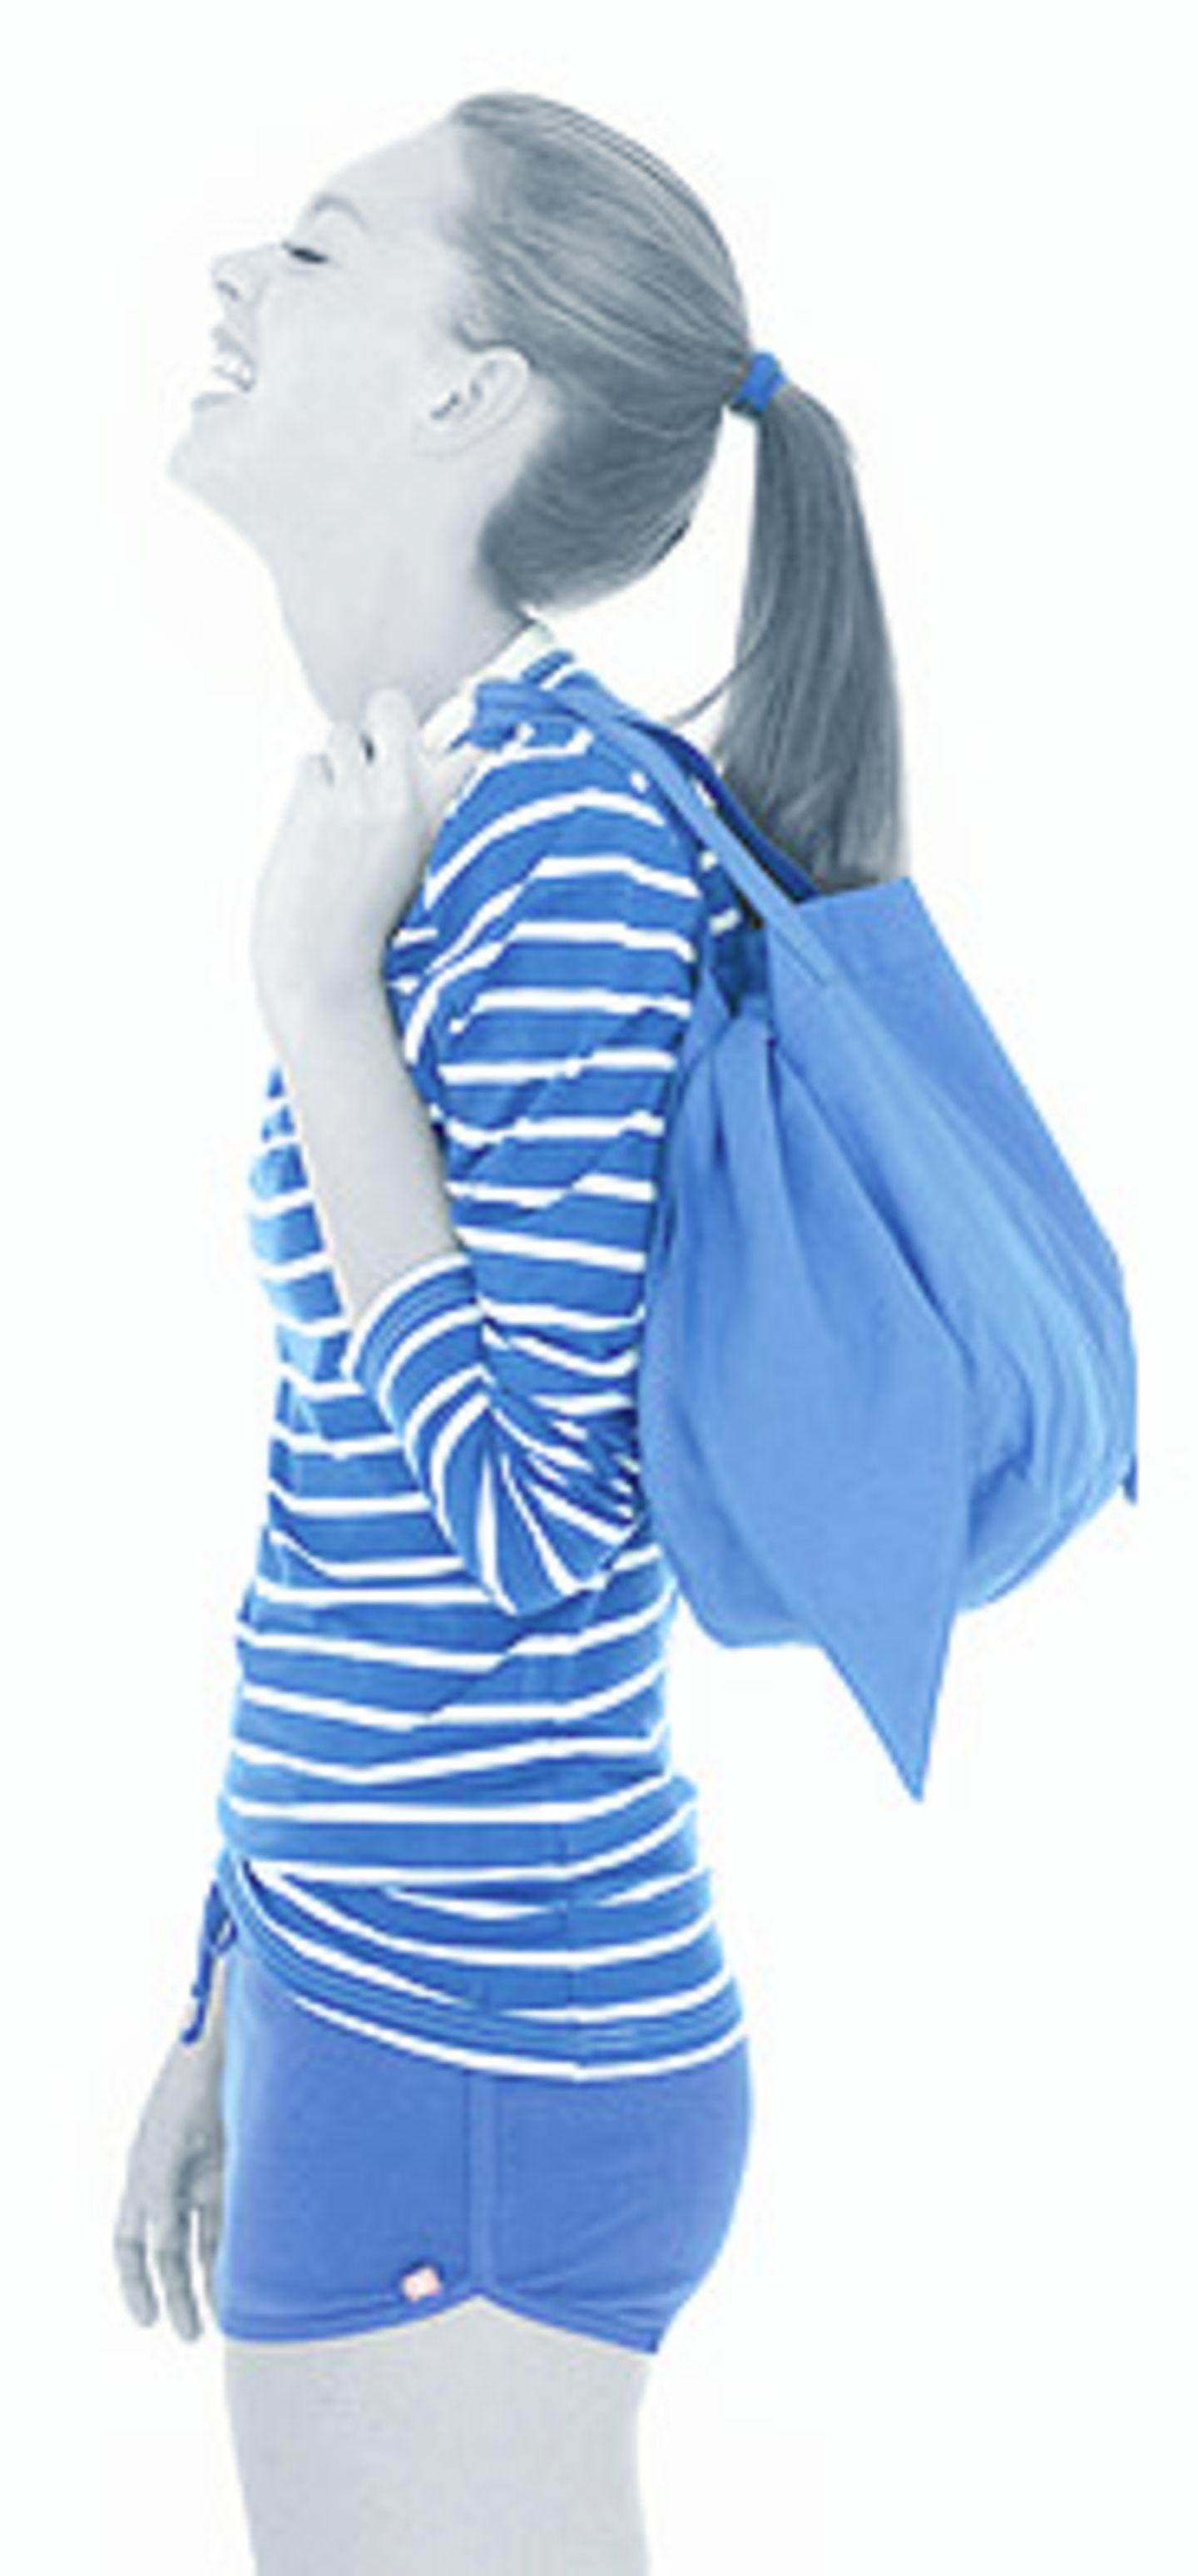 Streifen Shirt 49,90 Euro; Shorts 19,90 Euro; Tasche 34,90 Euro; von flip*flop